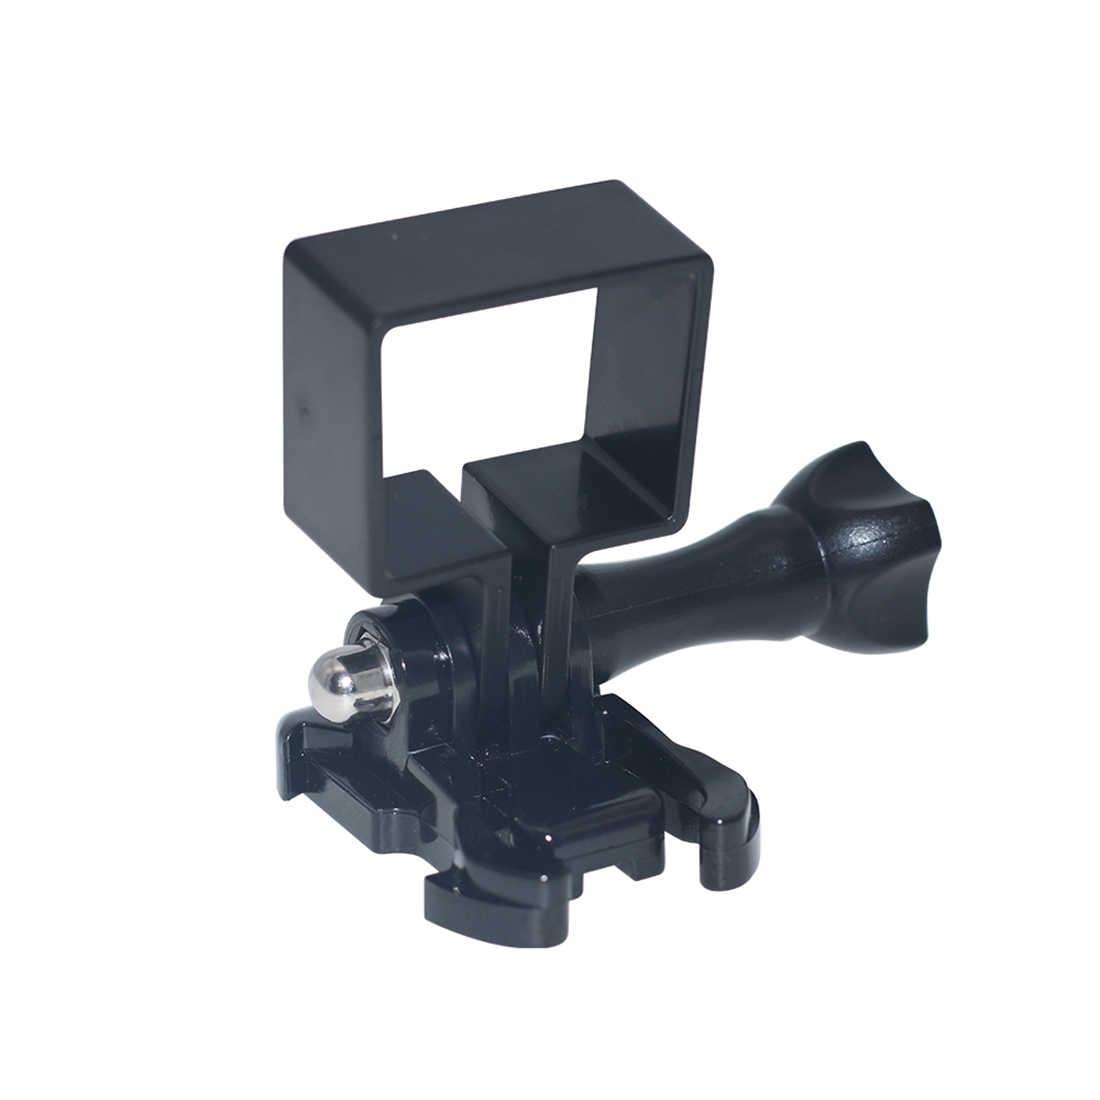 Support universel de support de support de cadre pour Gopro Hero support de caméra adaptateur de Base pince à main cardan pour poche DJI OSMO